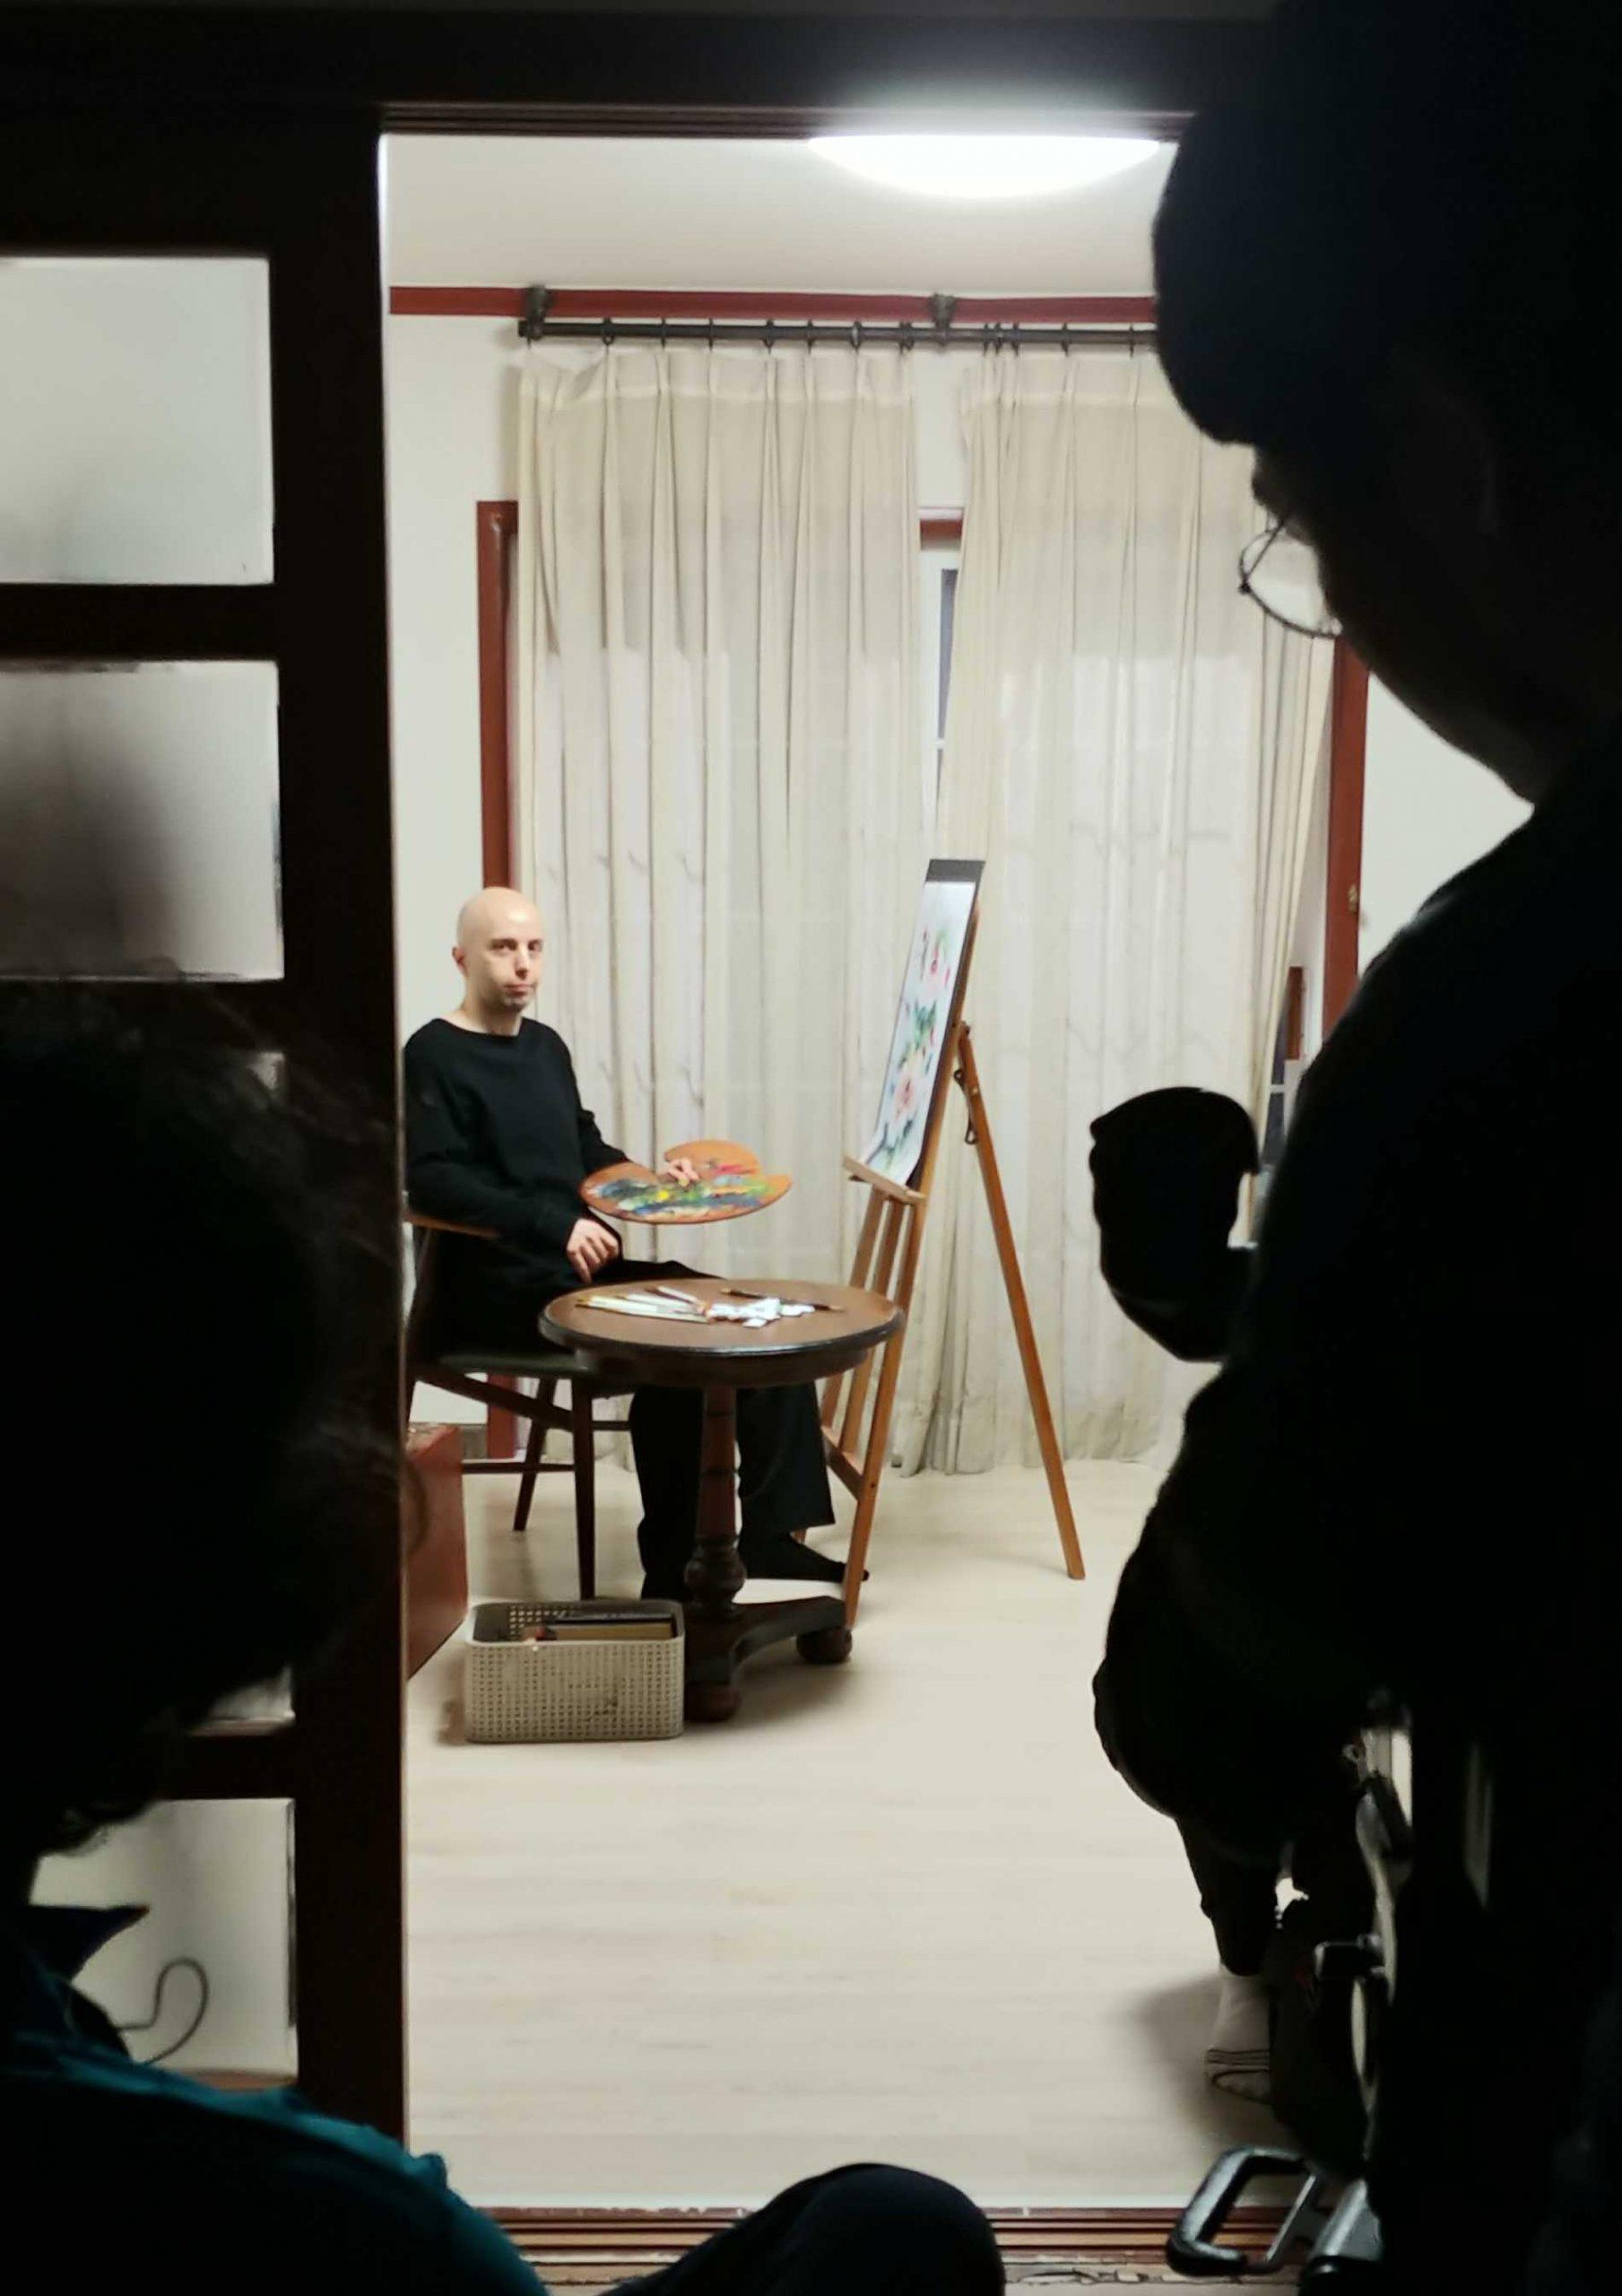 lucio buffalmano on set, between takes